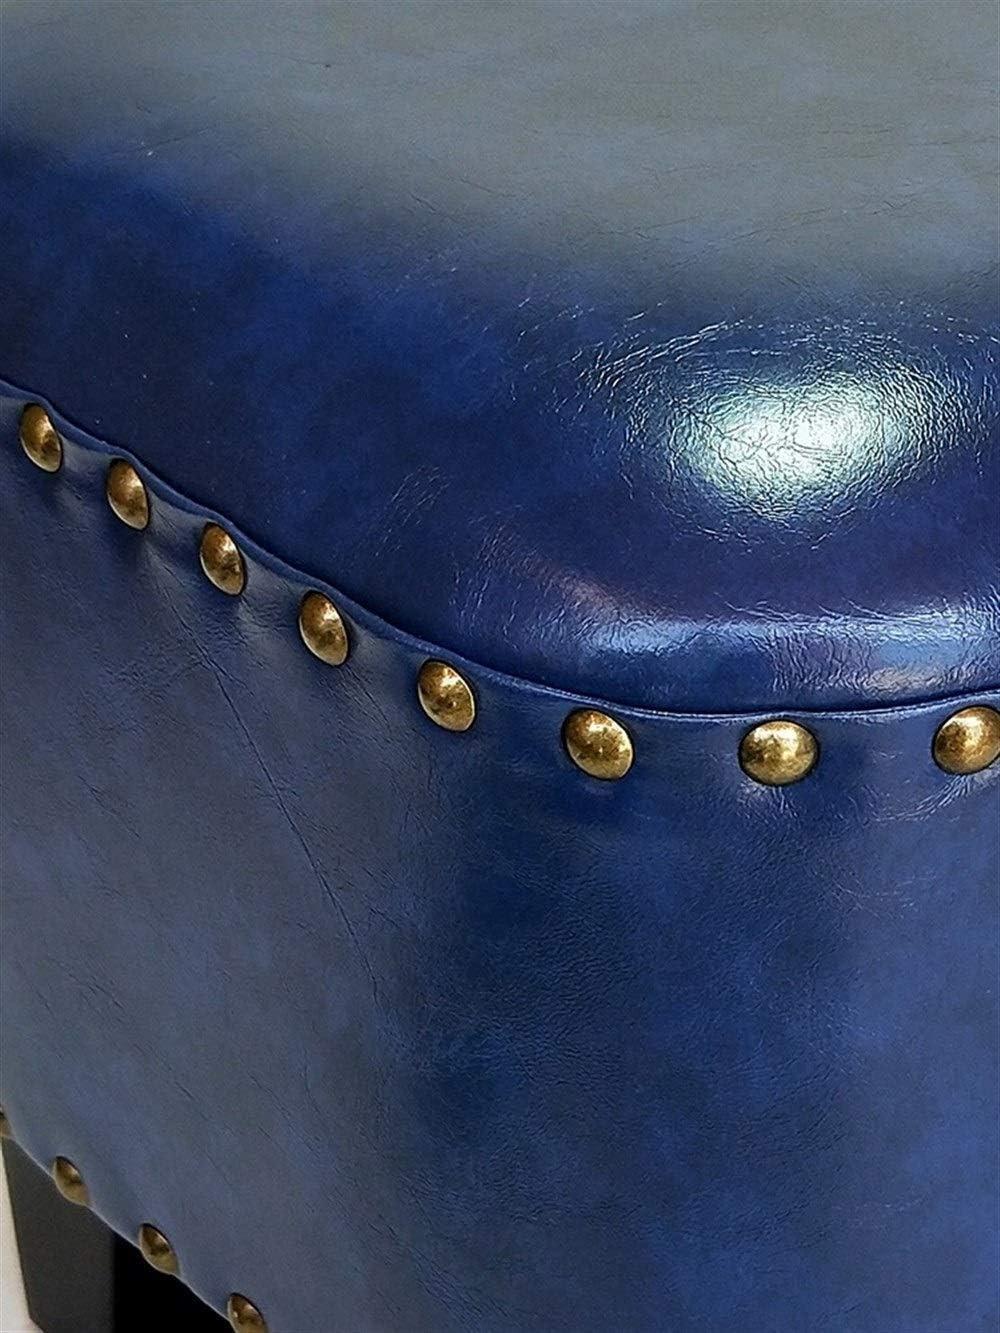 LONGren Osman canapé Banquette légère Chaussure rembourrée Confortable Tabouret de Maquillage Coussin Salon Chambre Petite Chaise / 11.8x11.8inches (Color : Style7) Style22